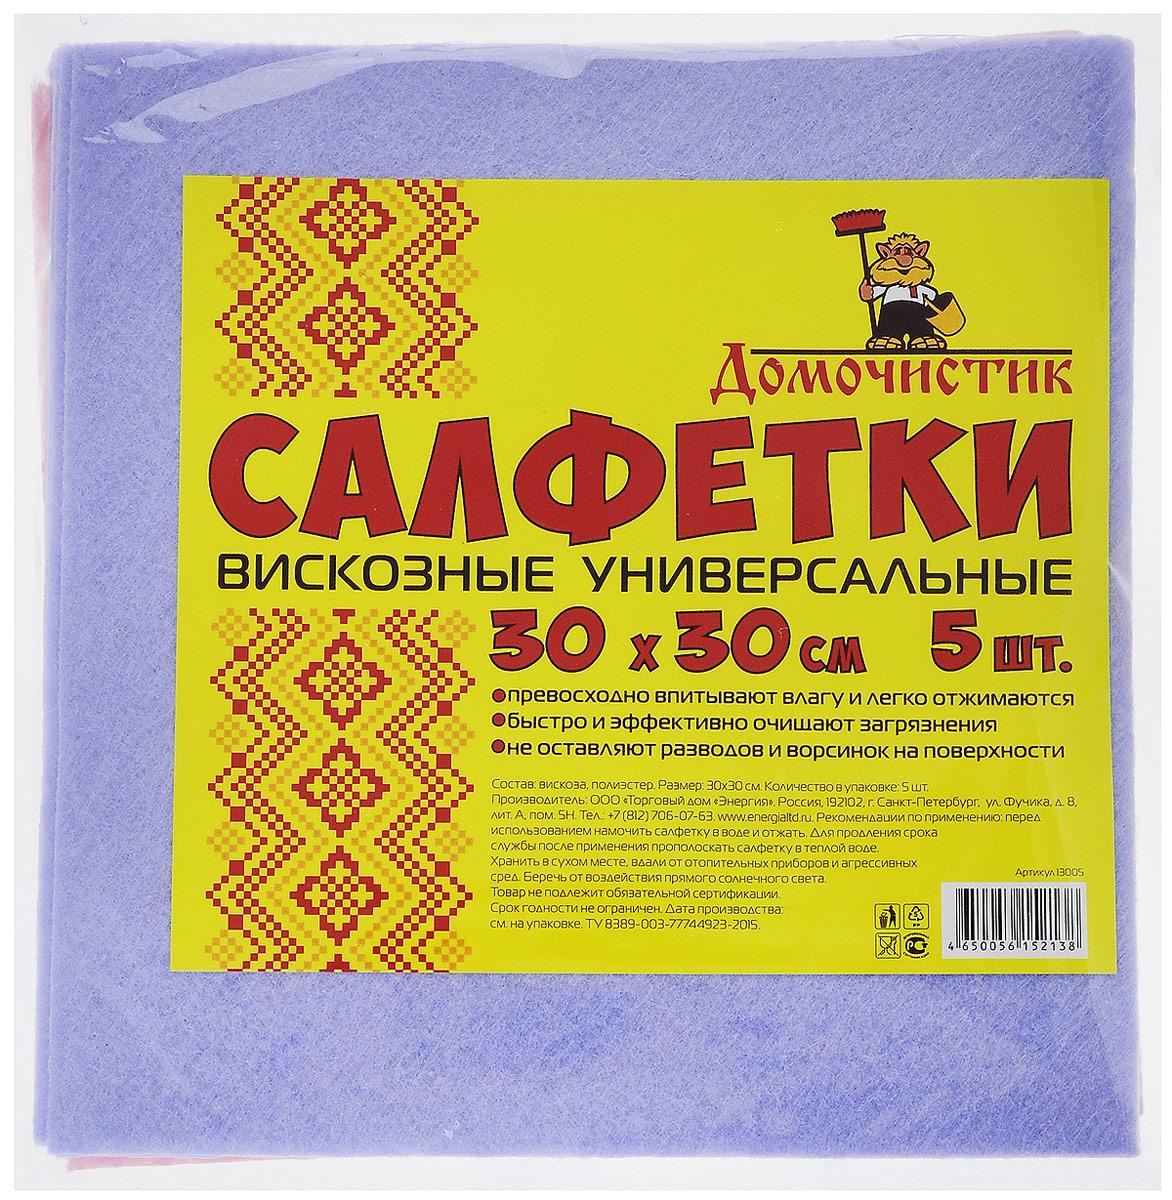 Салфетки вискозные Домочистик, универсальные, цвет: сиреневый, розовый, 30 х 30 см, 5 шт13005_сиреневый, розовыйСалфетки вискозные Домочистик предназначены для уборки любых поверхностей в доме. Они быстро и эффективно удаляют загрязнения, не оставляя разводов и ворсинок на поверхности. Превосходно впитывают влагу и легко отжимаются.